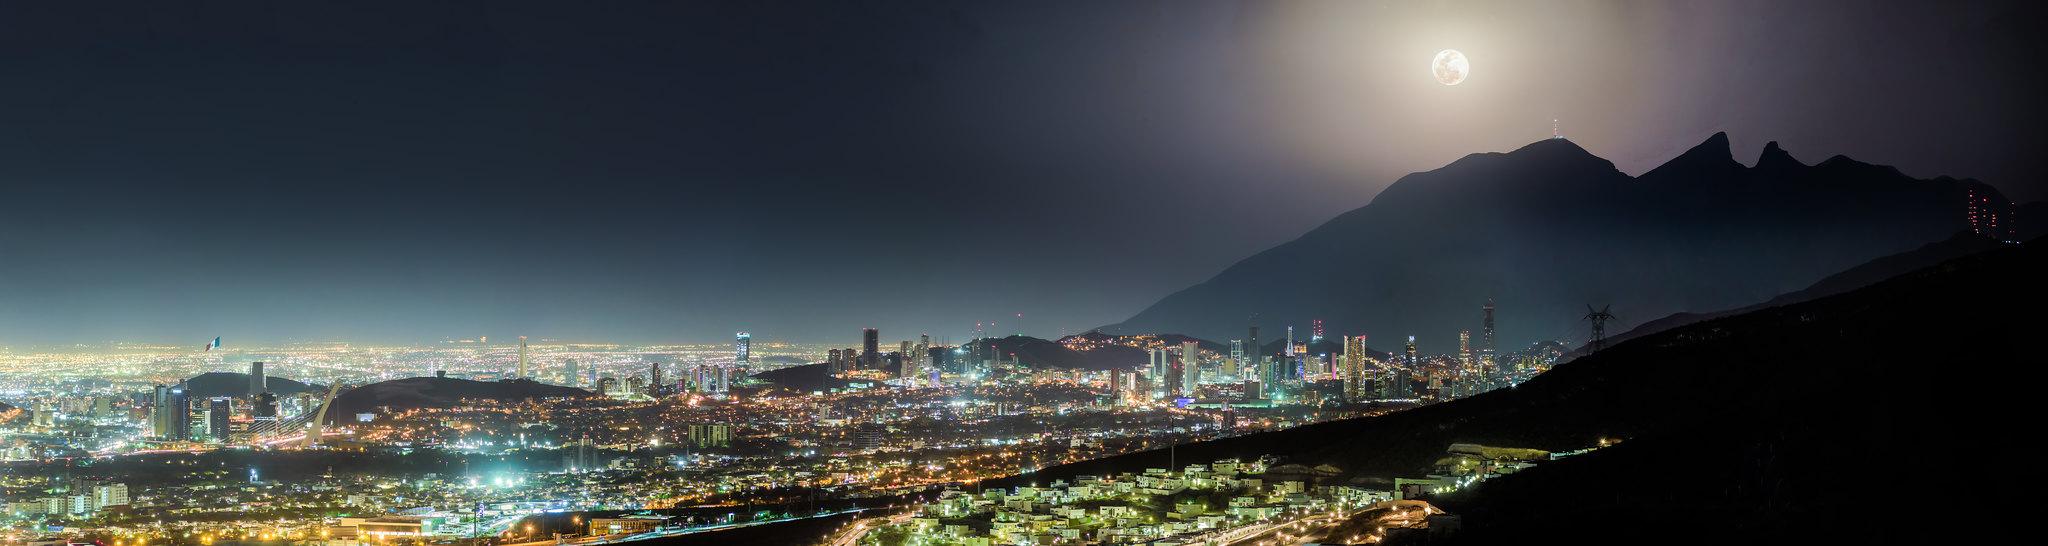 Foto panoramica de rayados 31